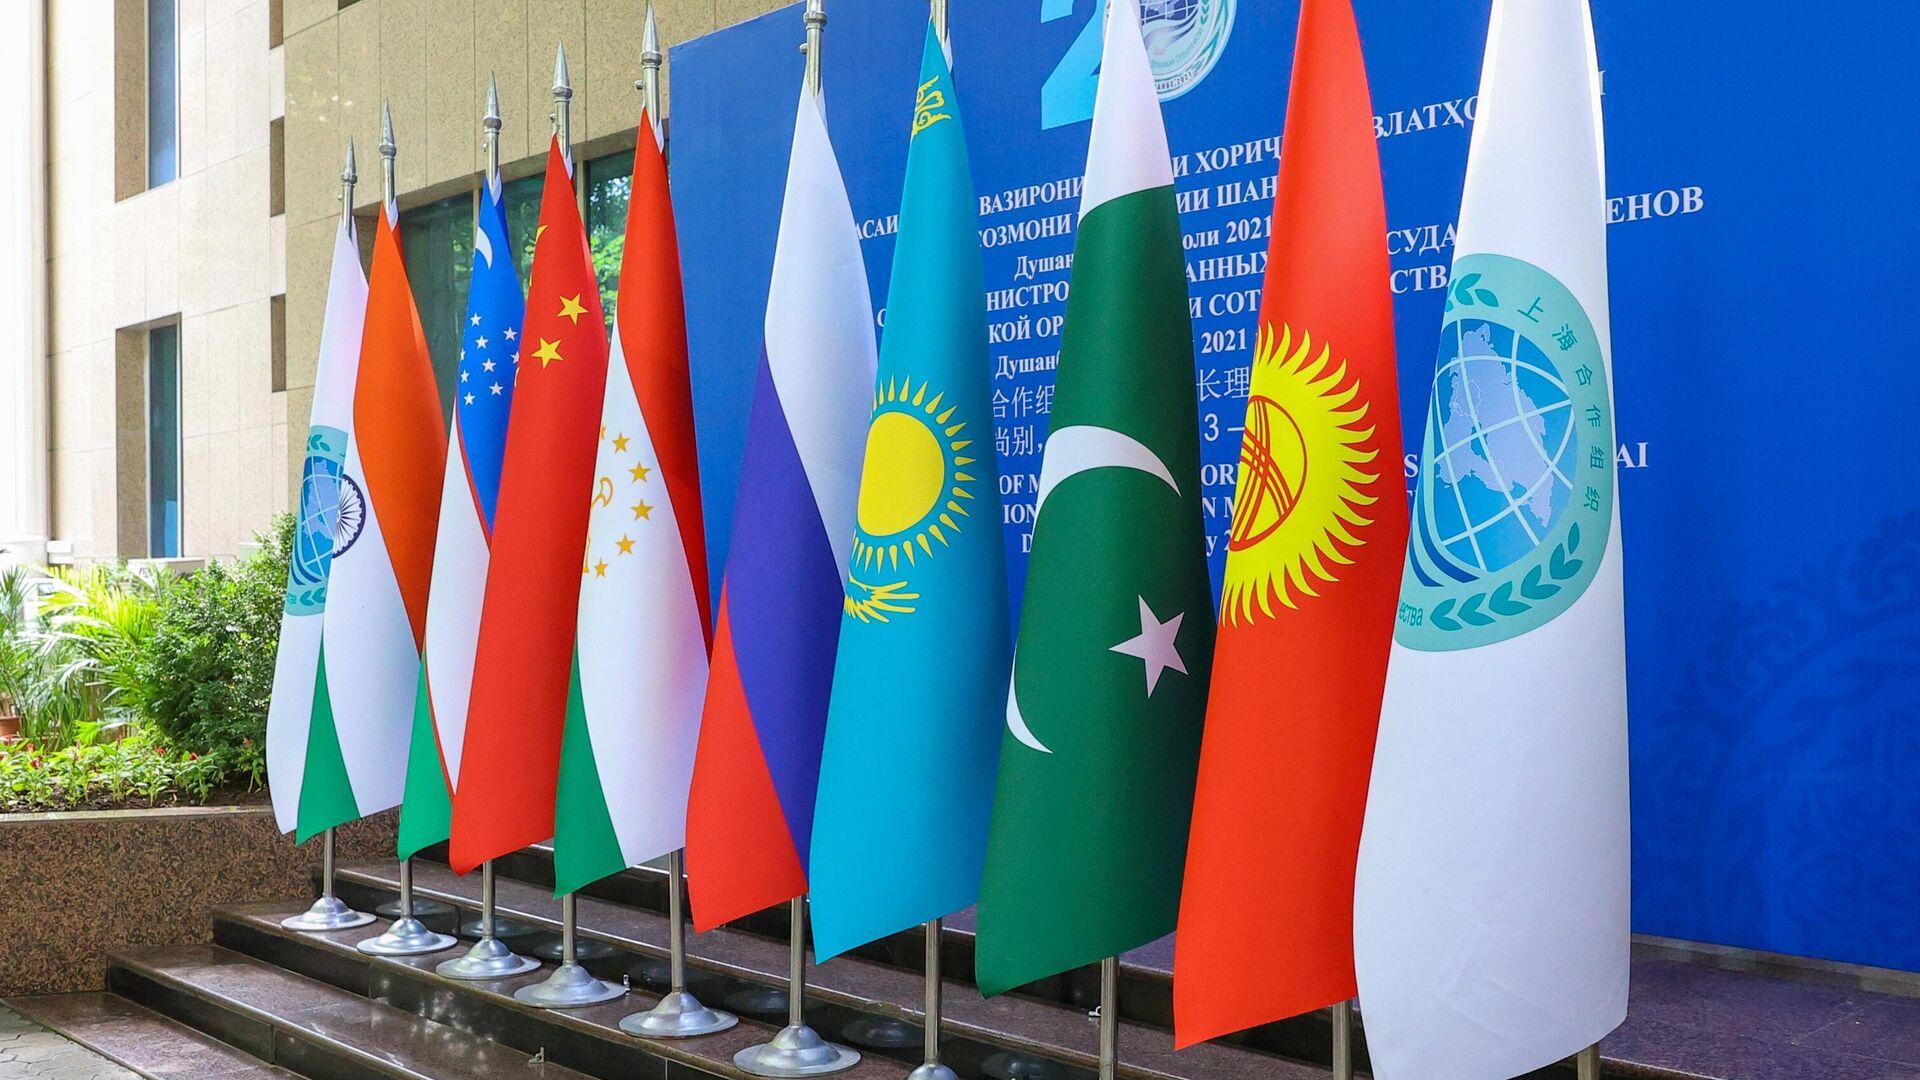 Флаги участников заседания Совета министров иностранных дел государств - членов ШОС - Sputnik Узбекистан, 1920, 14.10.2021